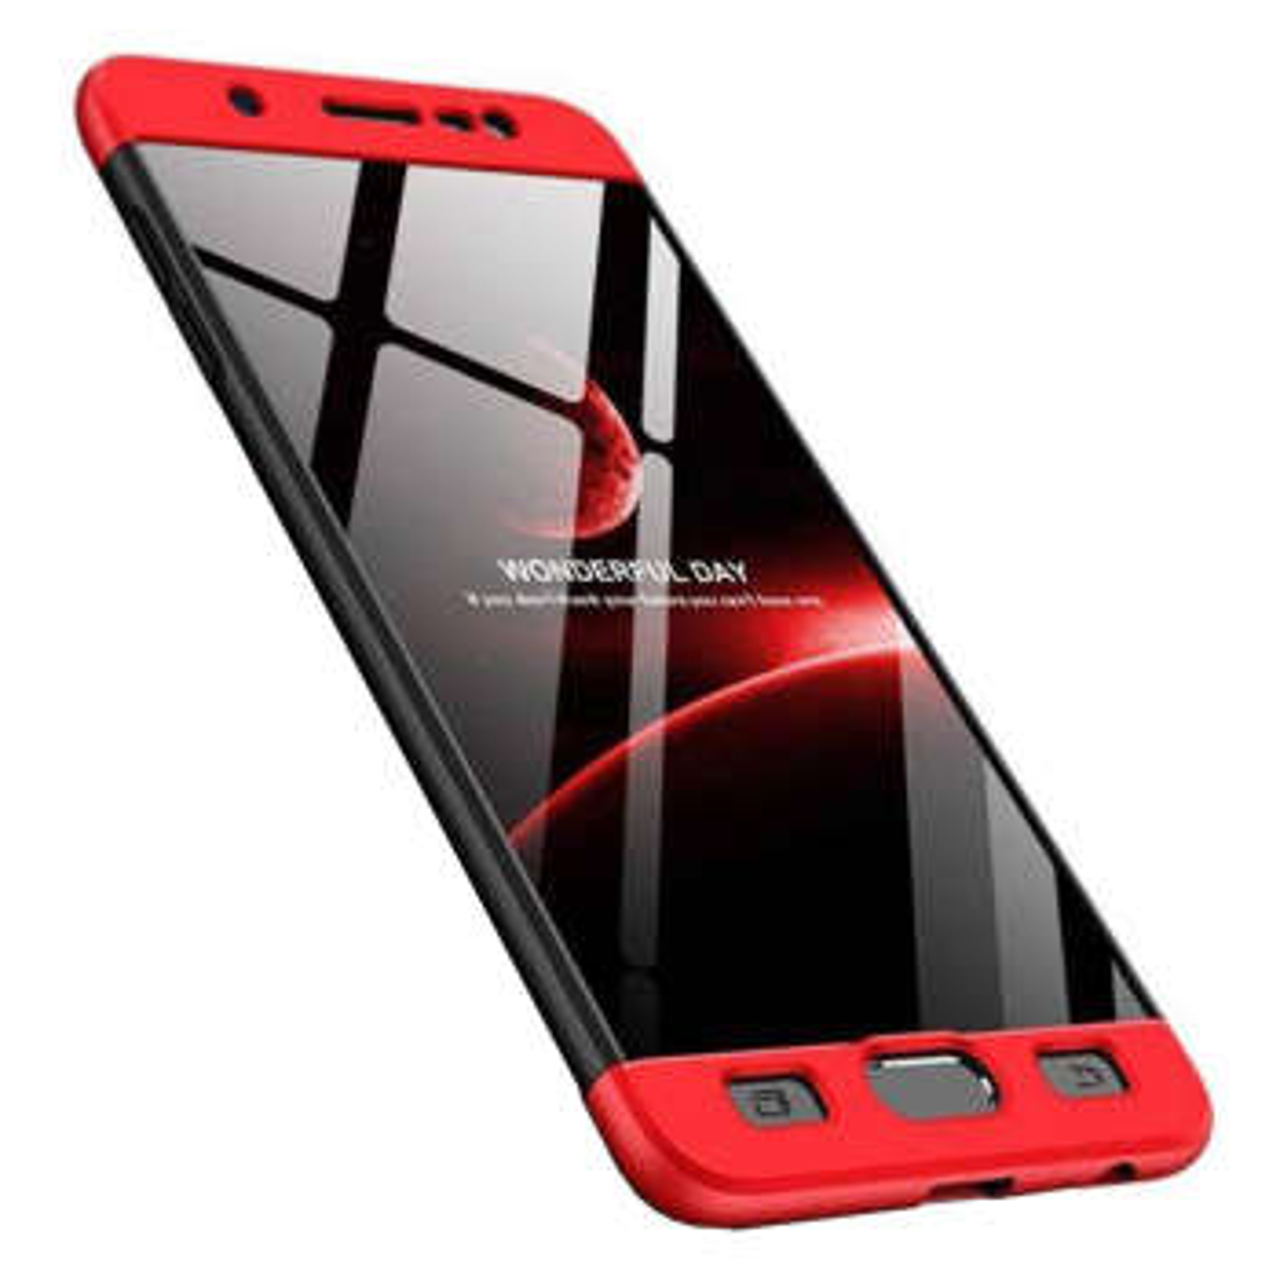 کاور مدل 030G مناسب برای گوشی سامسونگ Galaxy J7 2015/J7 CORE